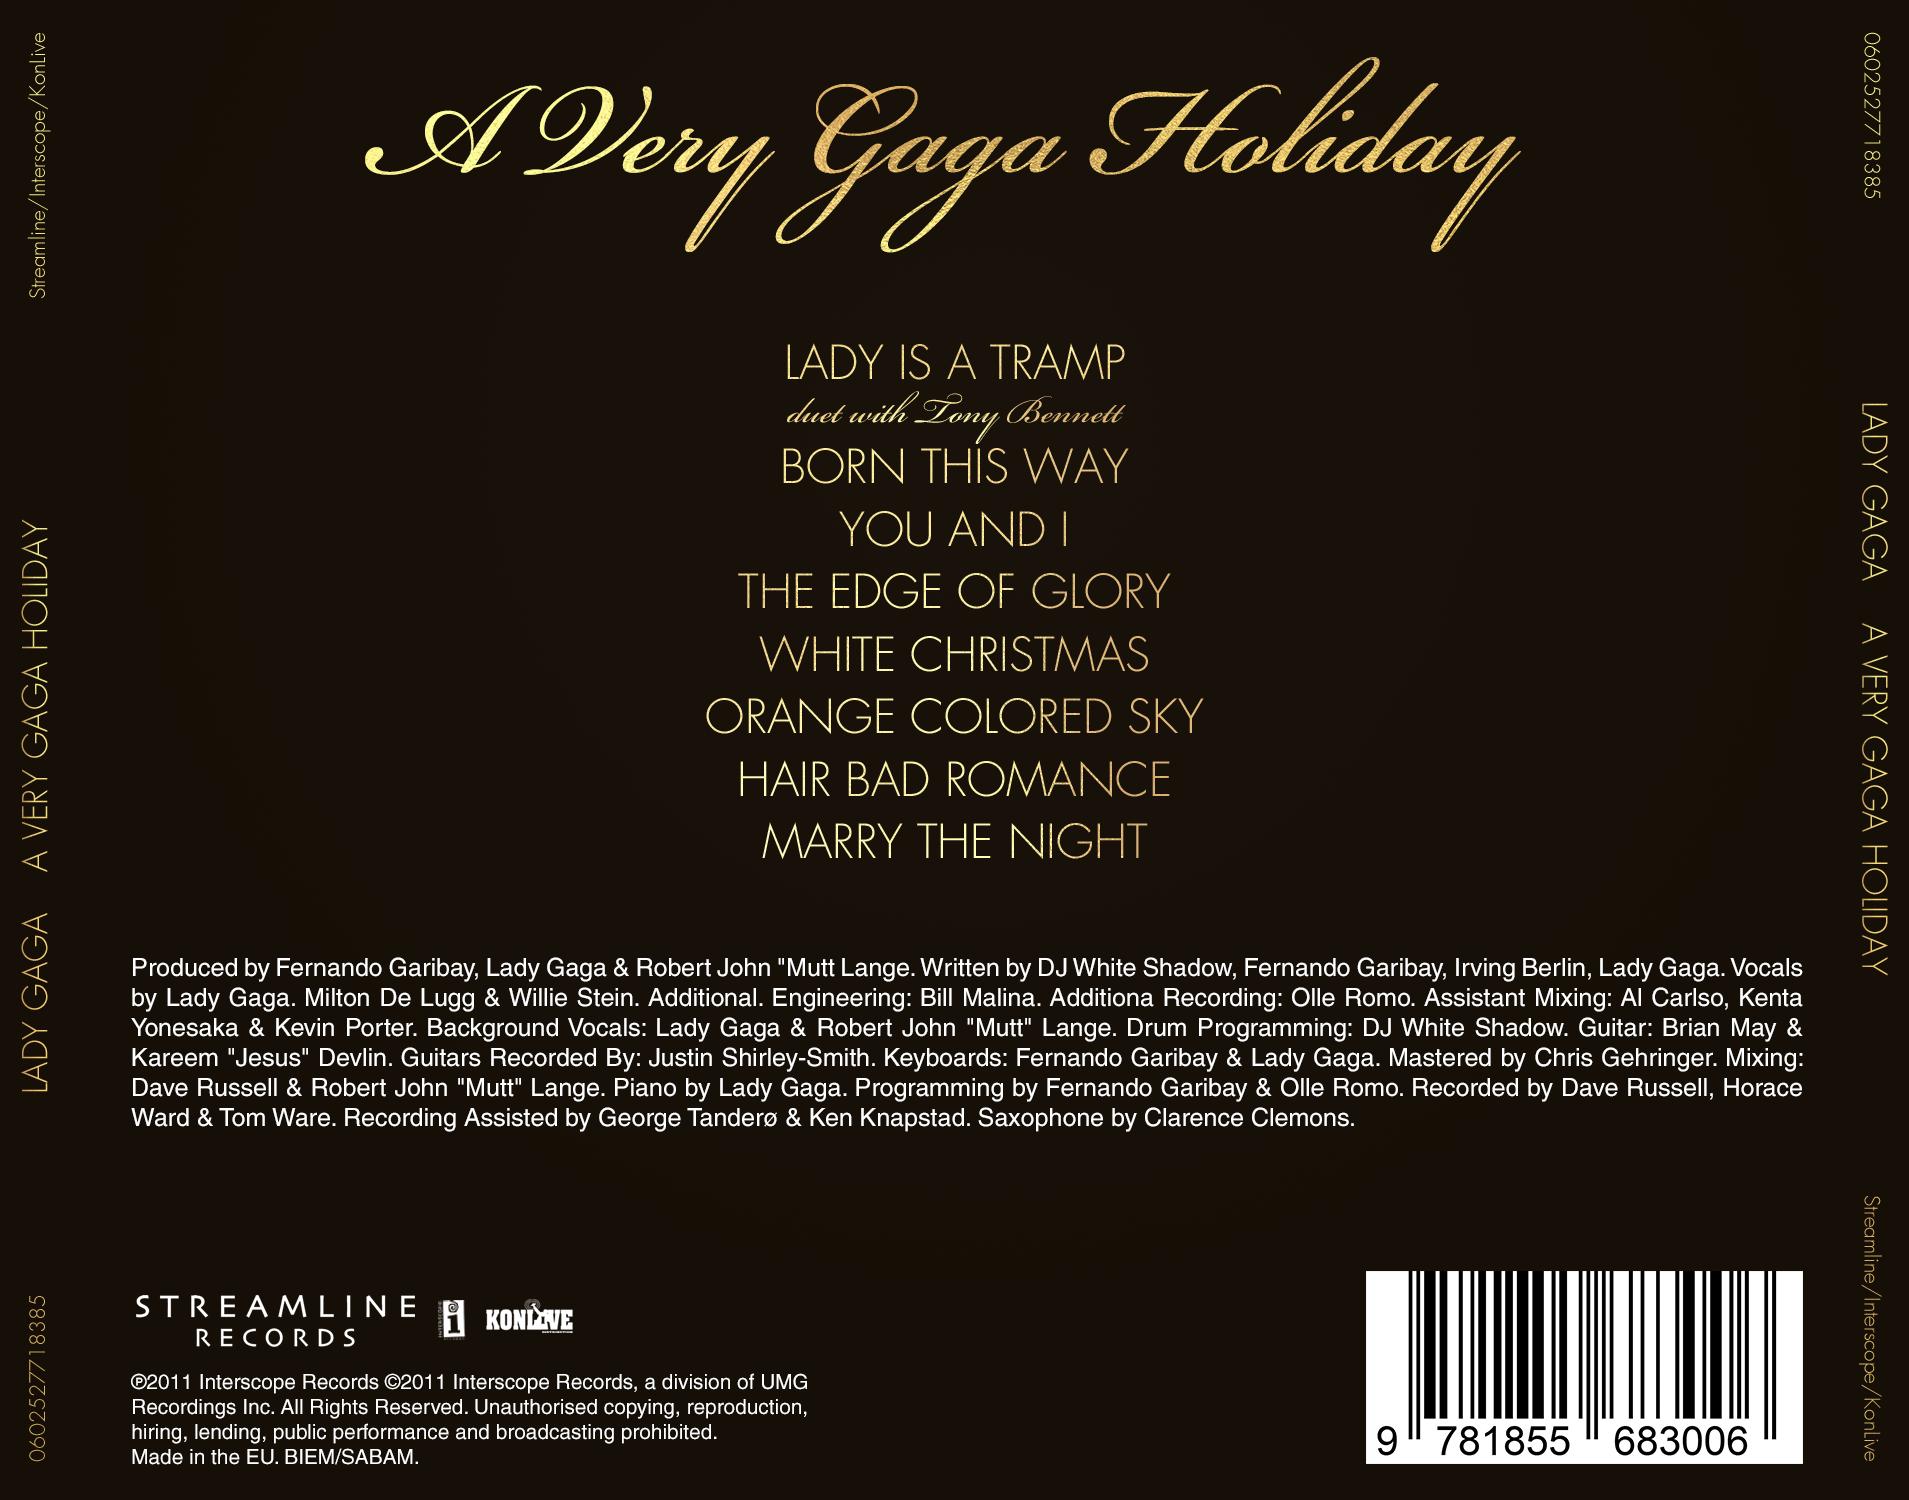 Album-Back-Cover-Recuperado.png